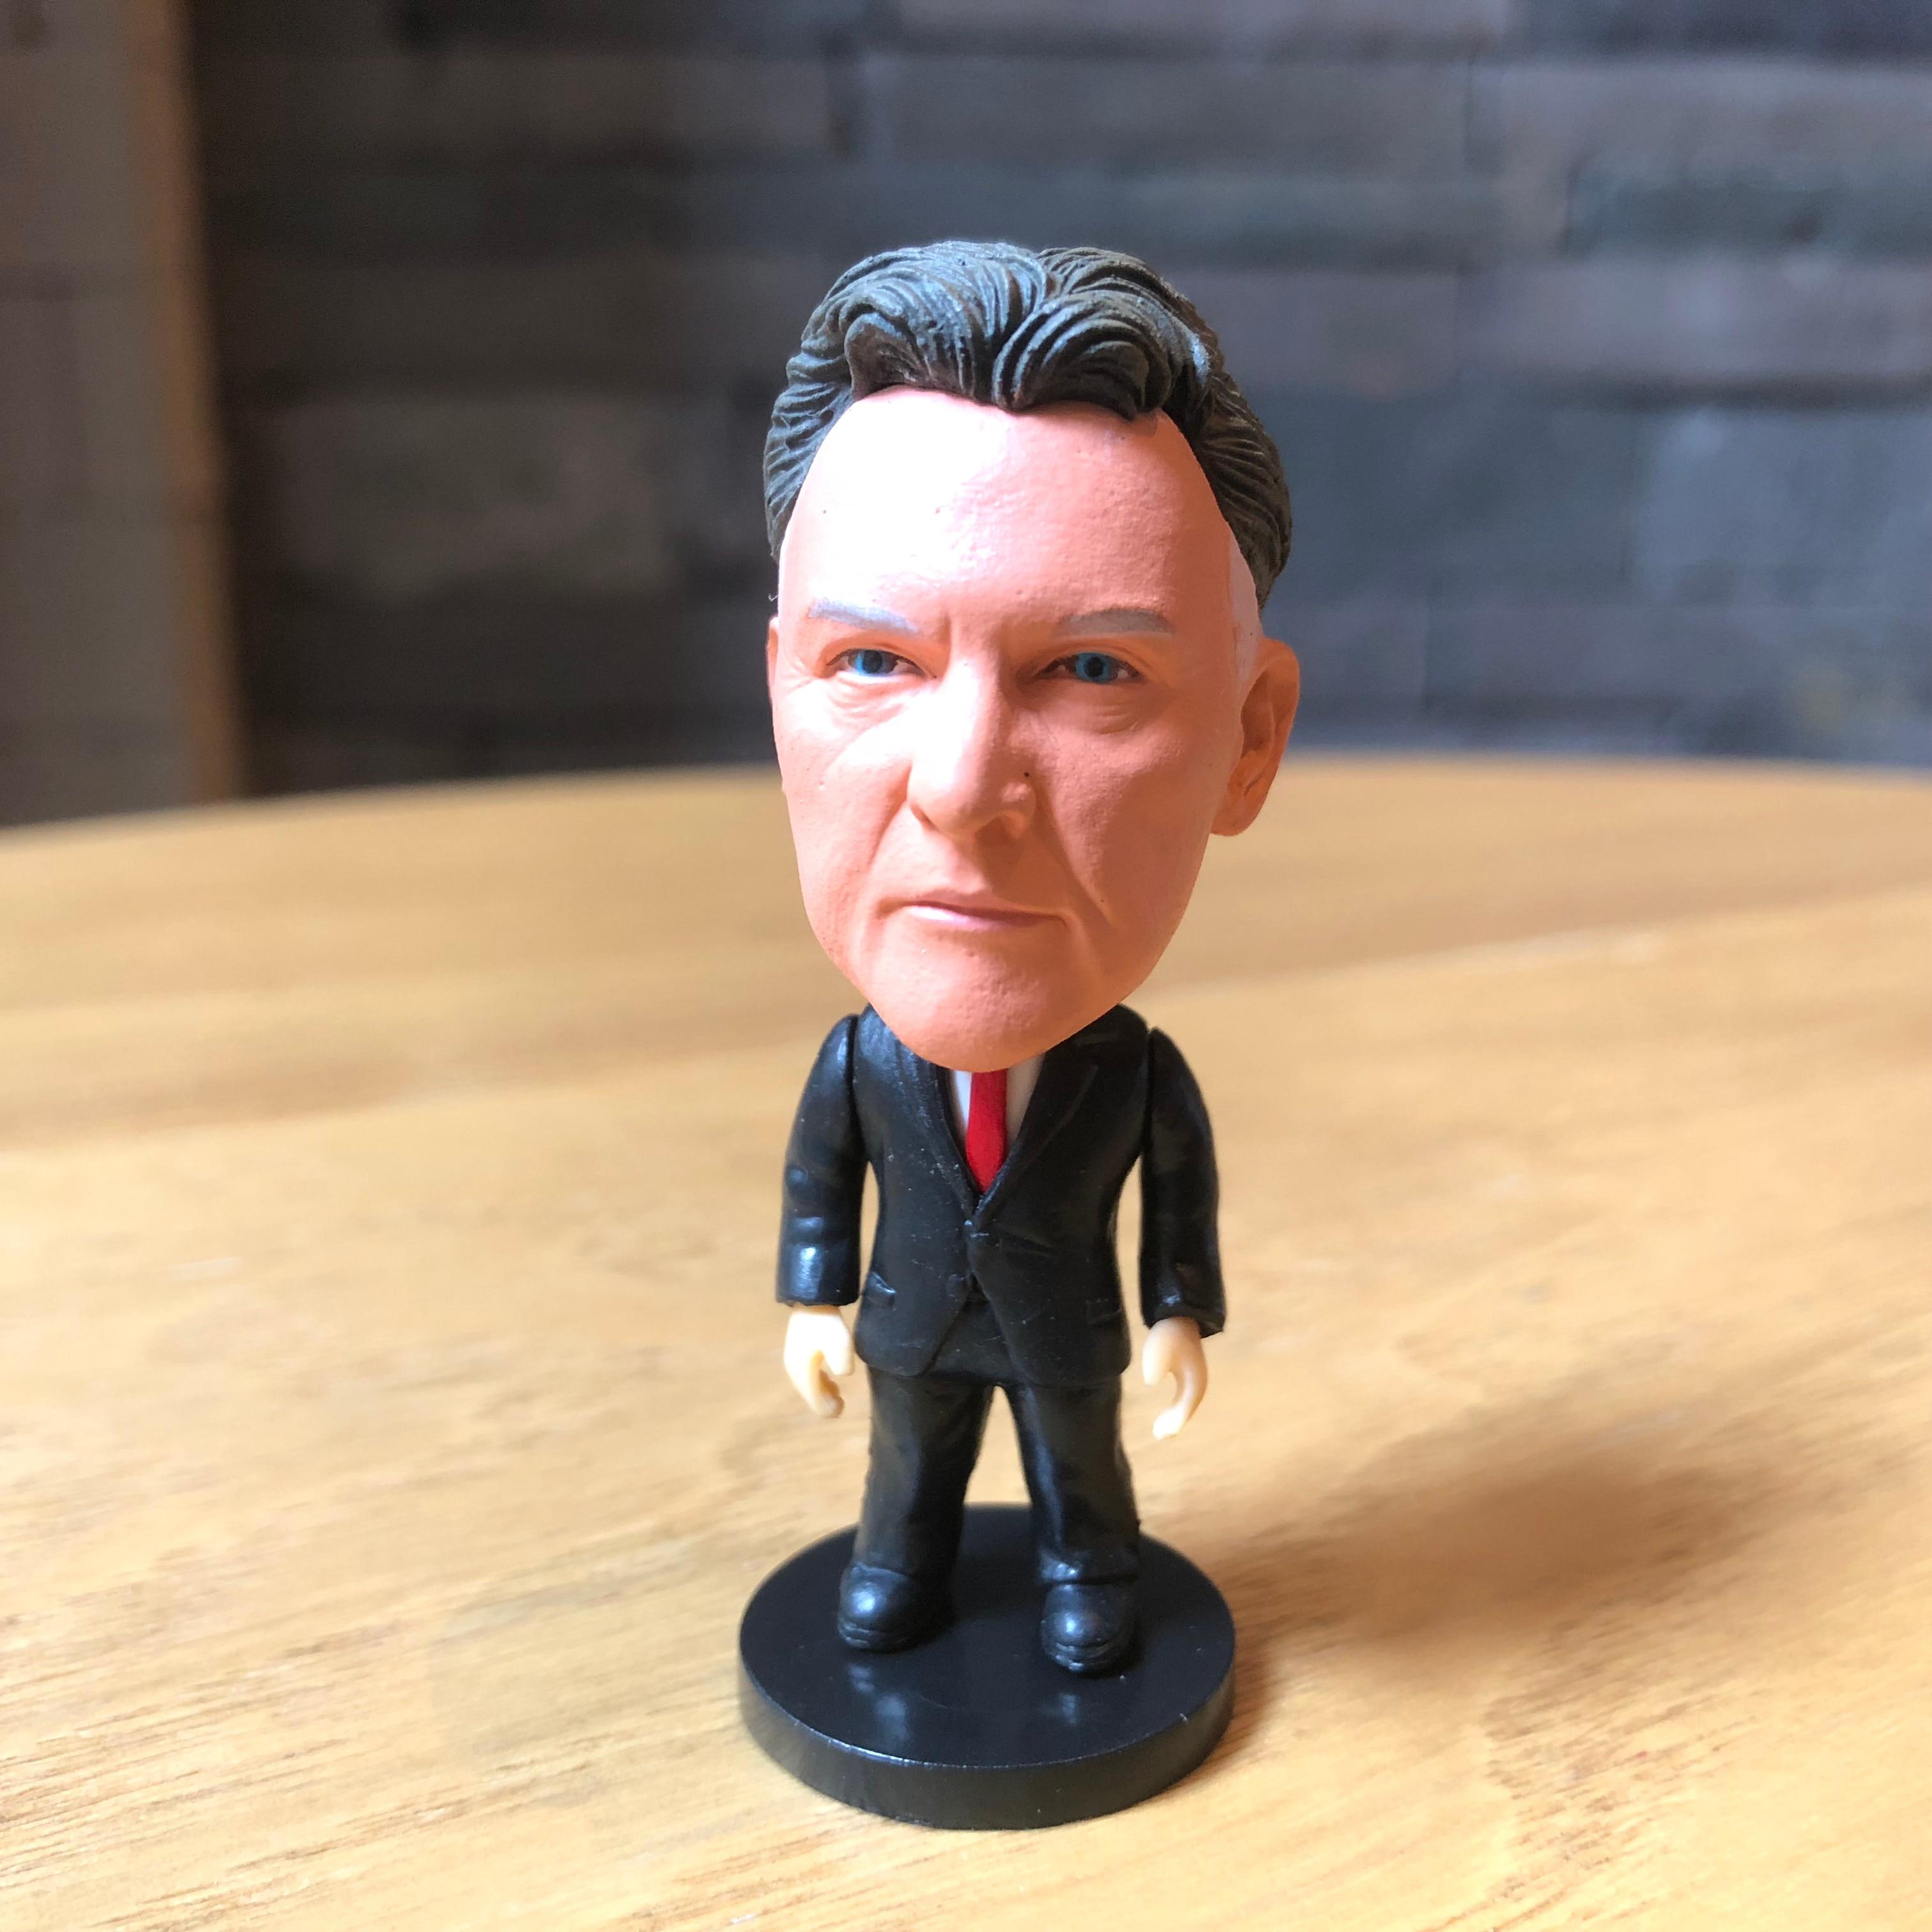 Estrella de fútbol Van Gaal resina muñeca figura de acción 6,5 cm Mini juguete coleccionable regalo